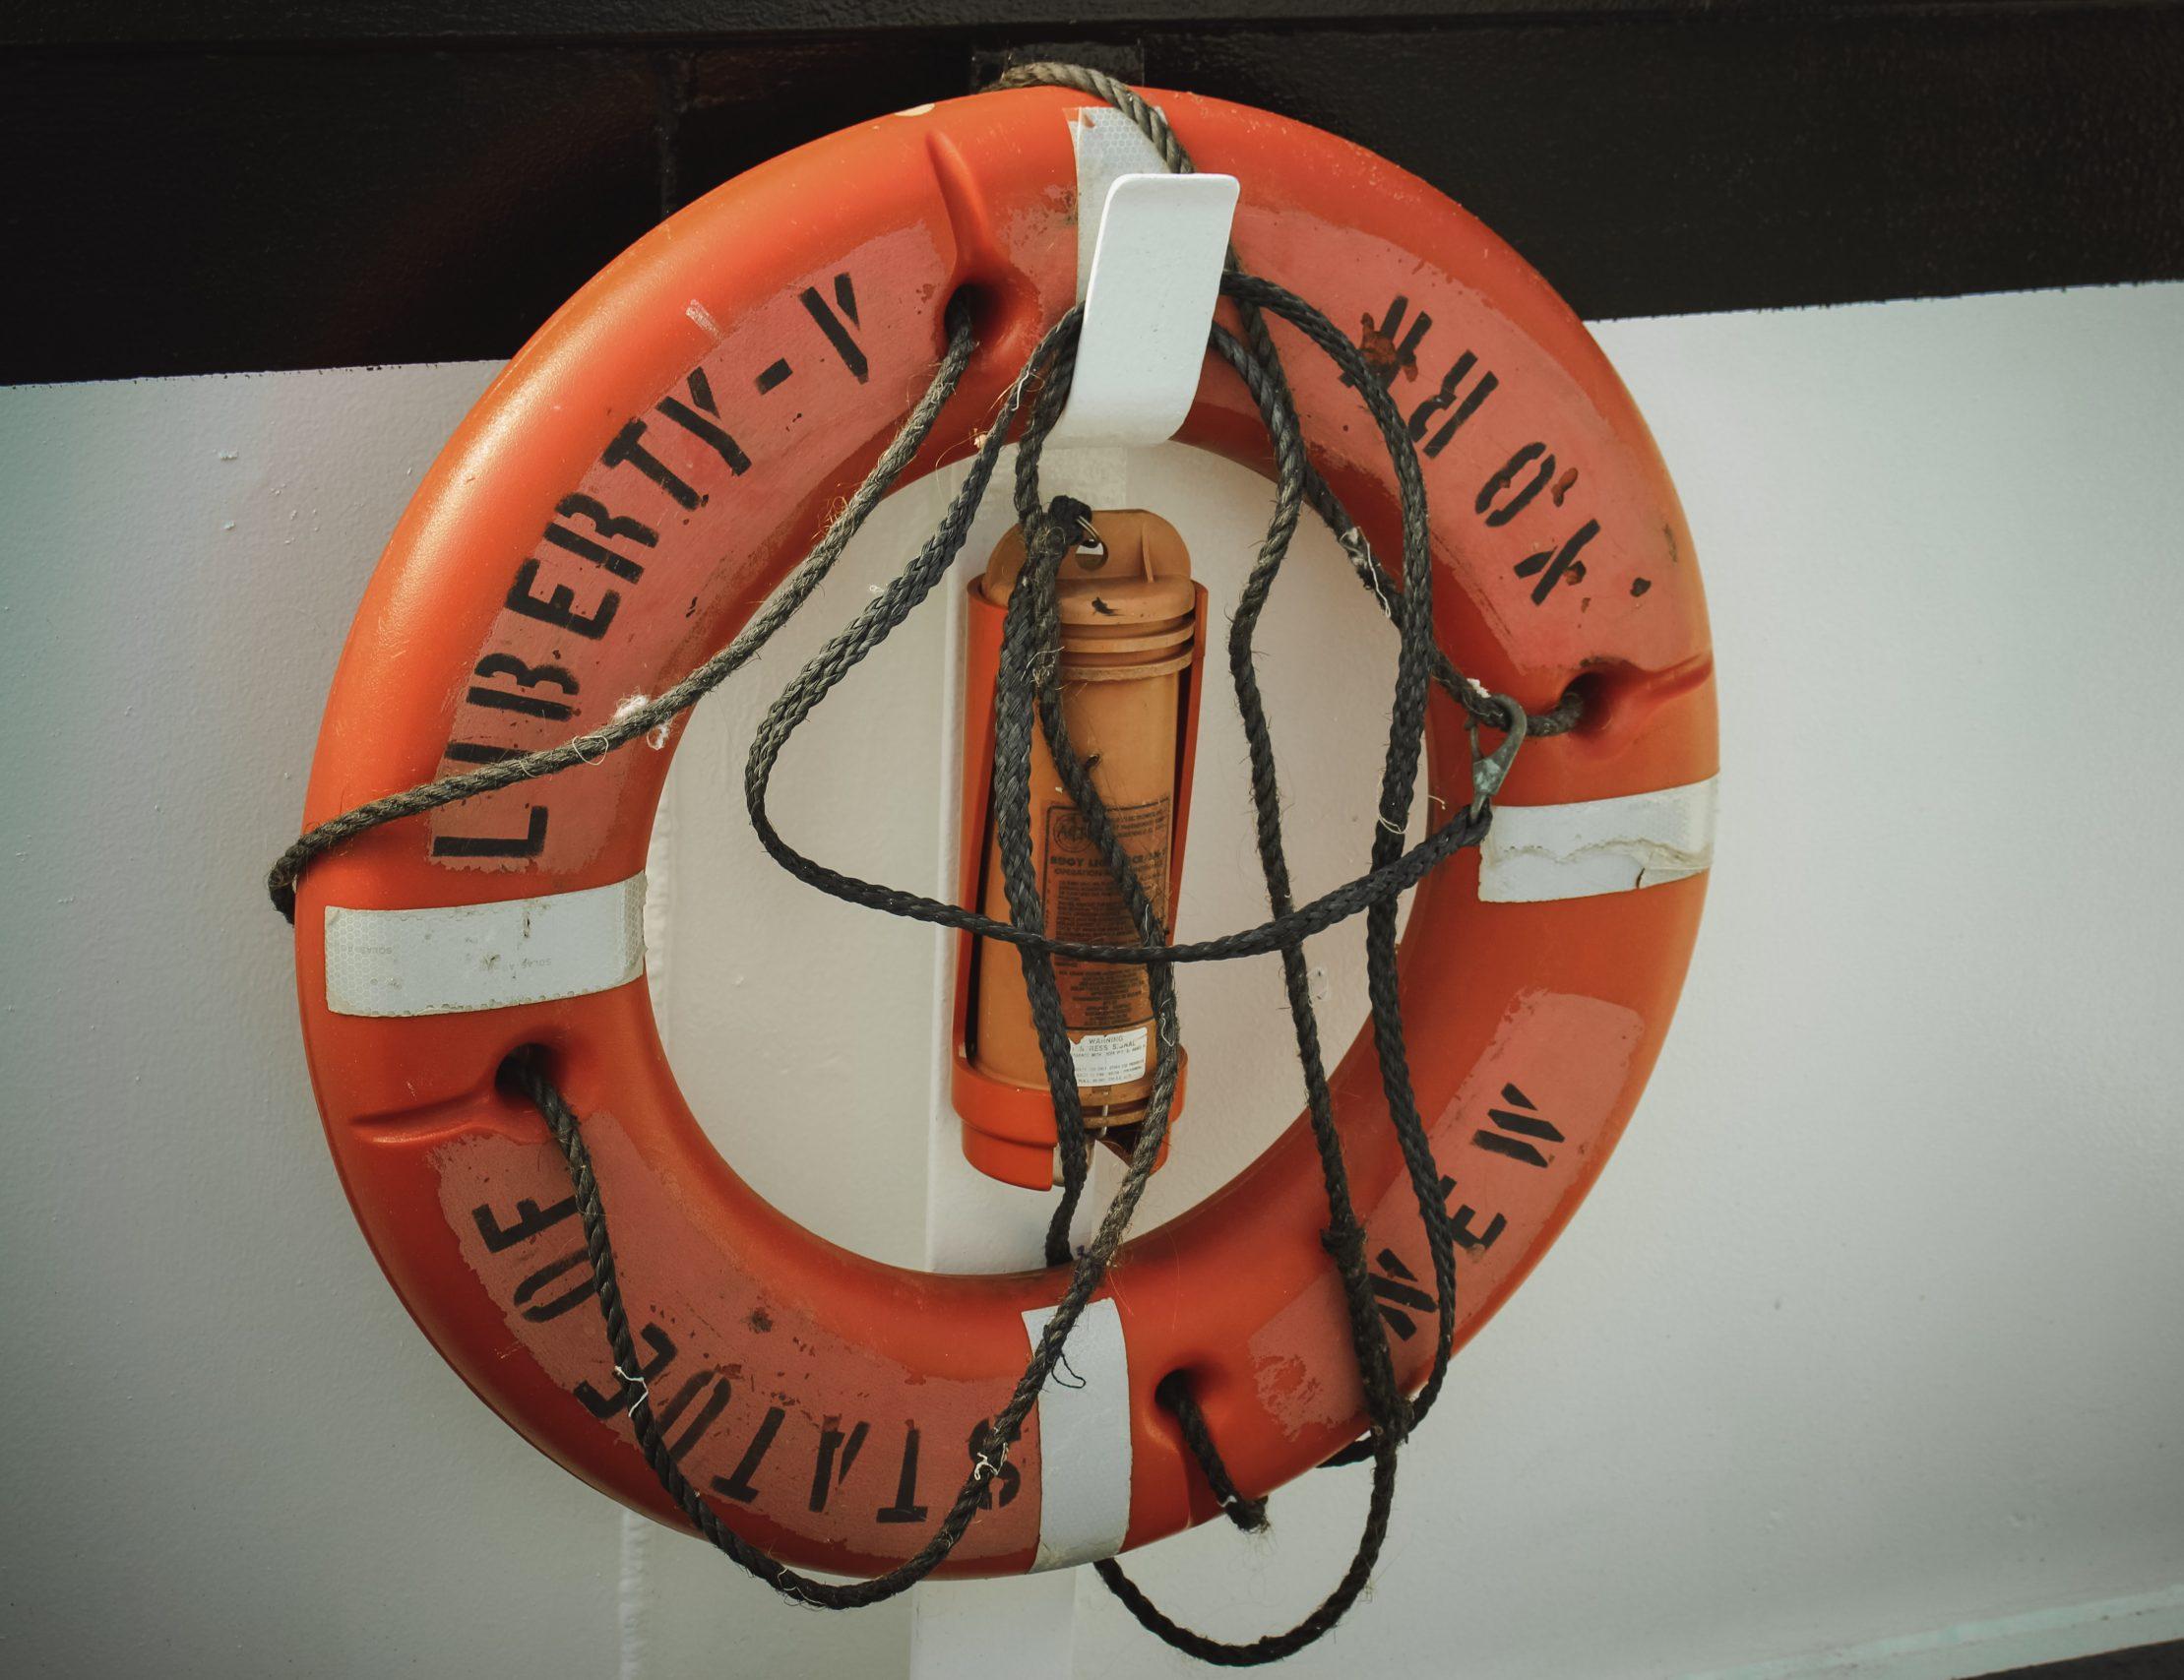 HOPPSAN I EKONOMIN: Rädd för räddningspaket